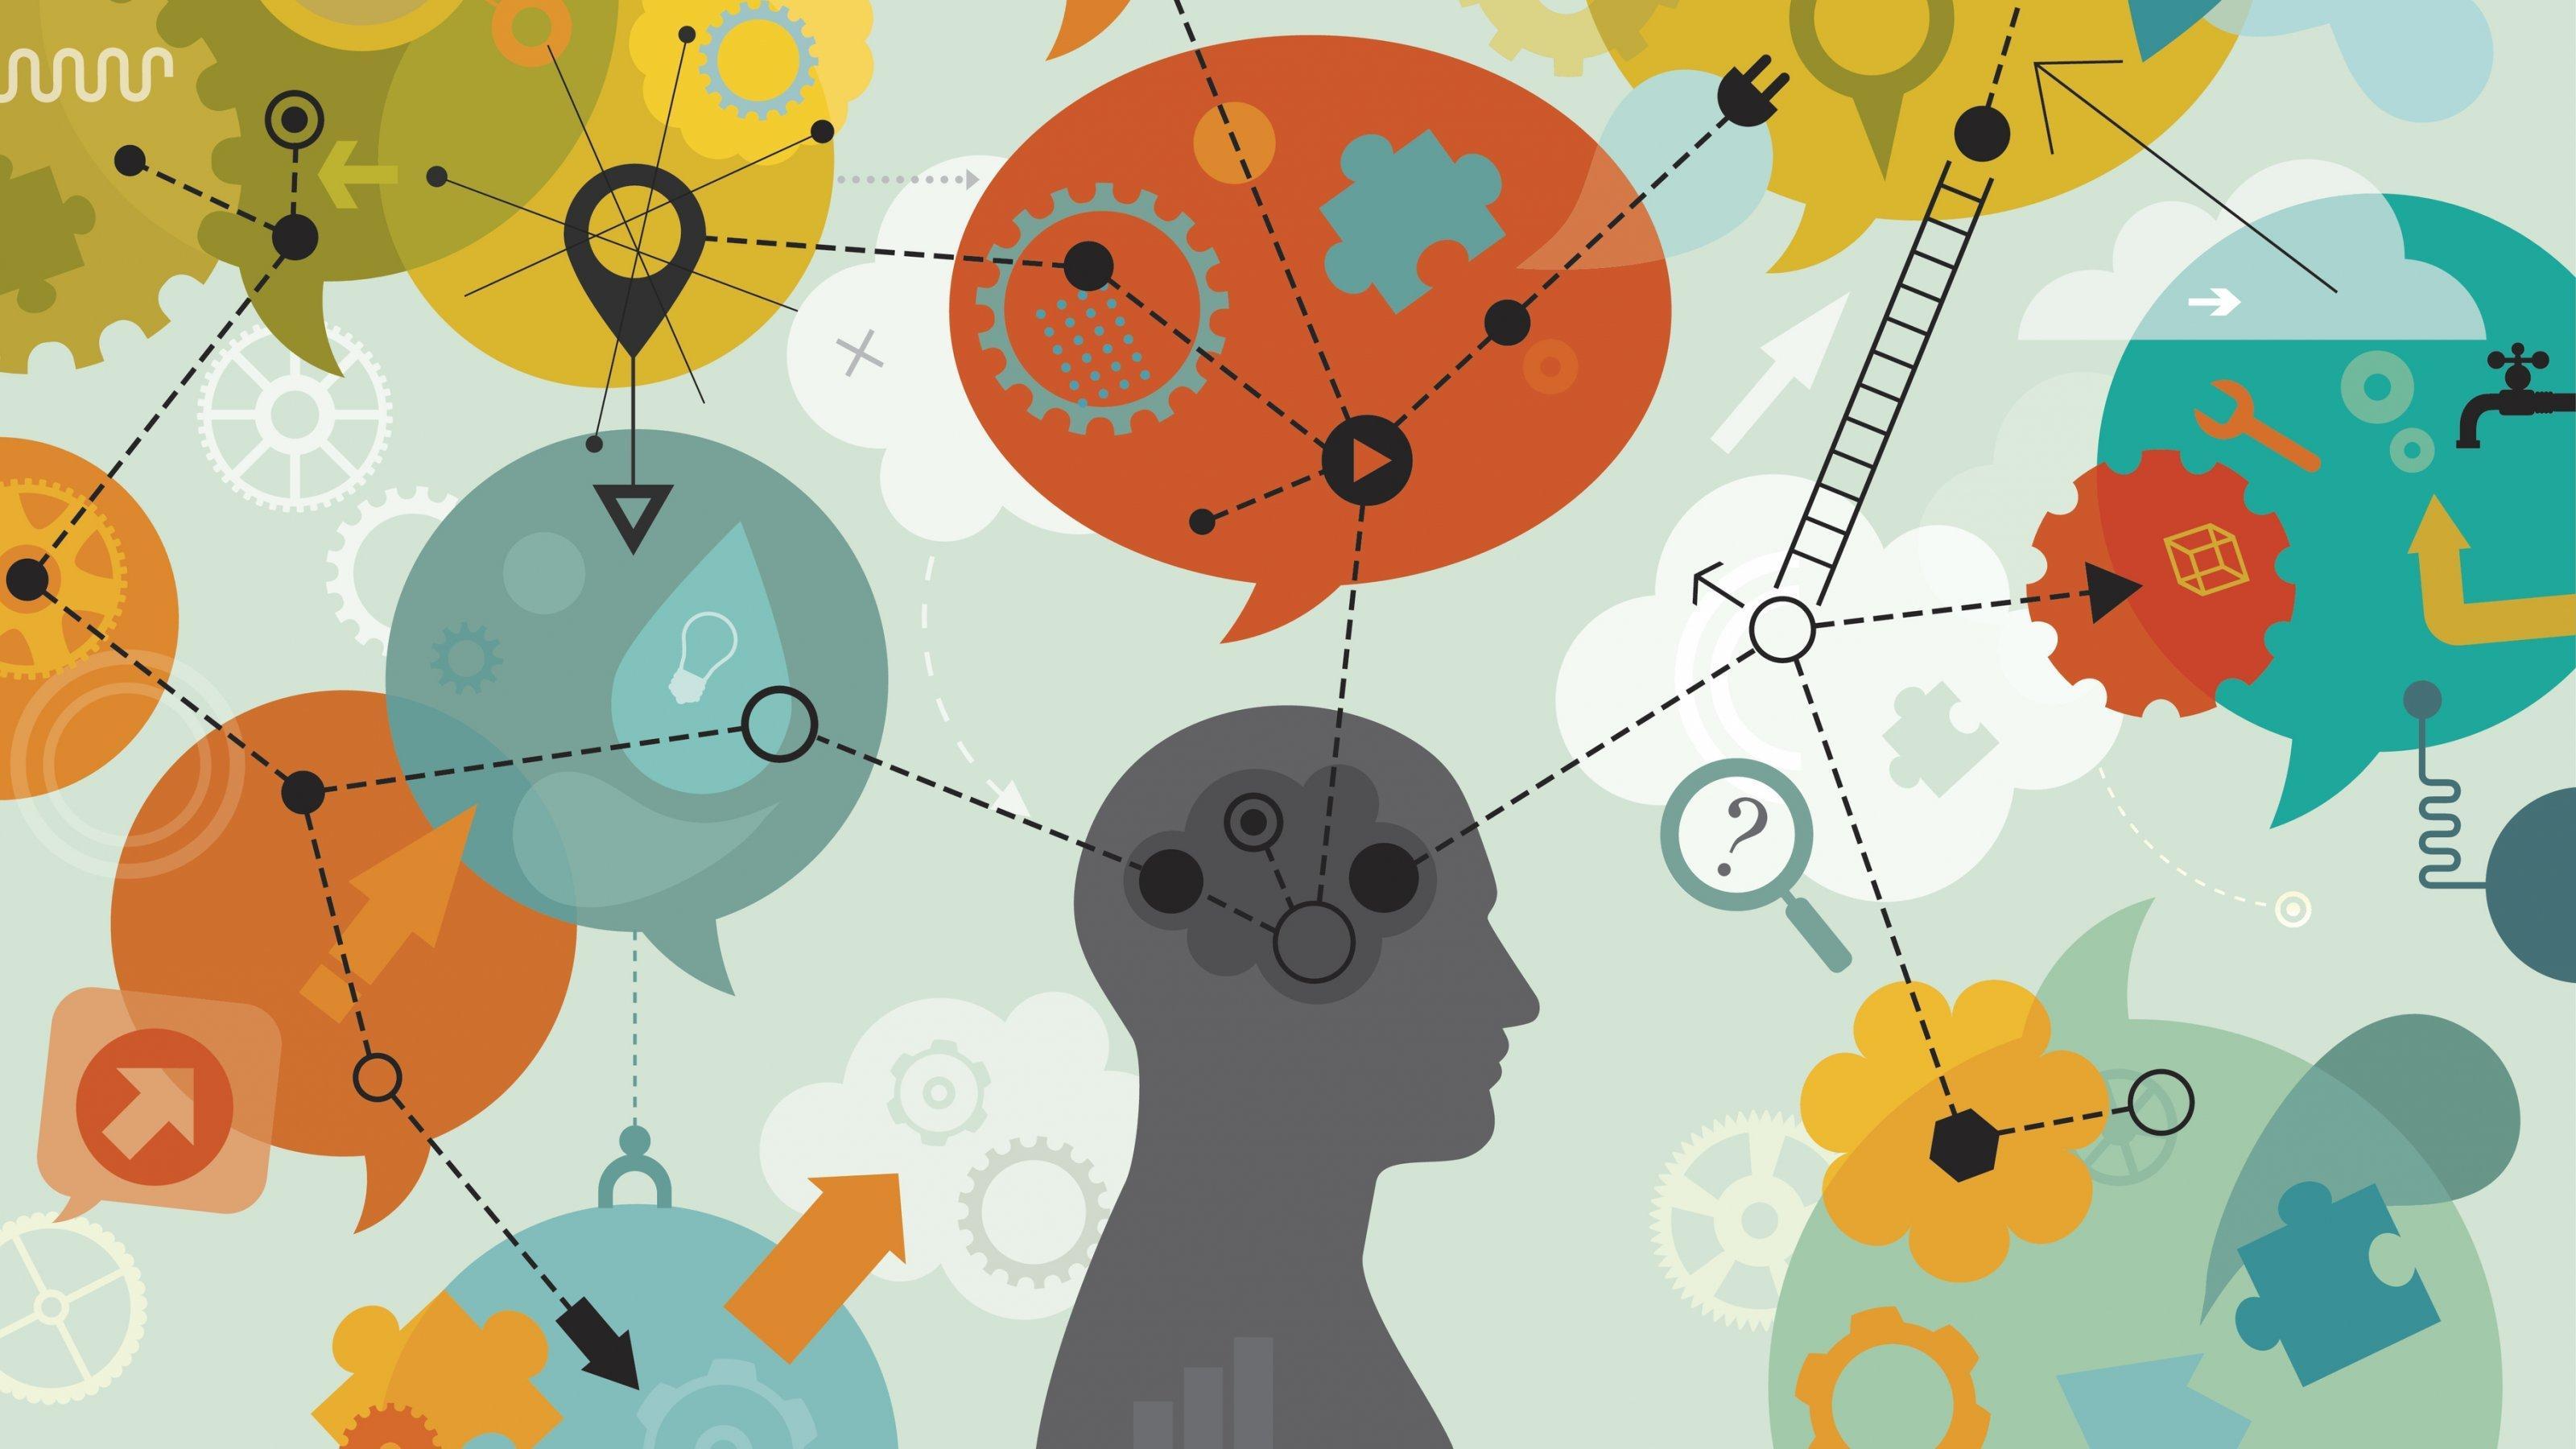 Um den Scherenschnitt eines menschlichen Kopfs sind Sprechblasen gruppiert, in denen kein Text steht, sondern eine komplexe Mechanik eingezeichnet ist.